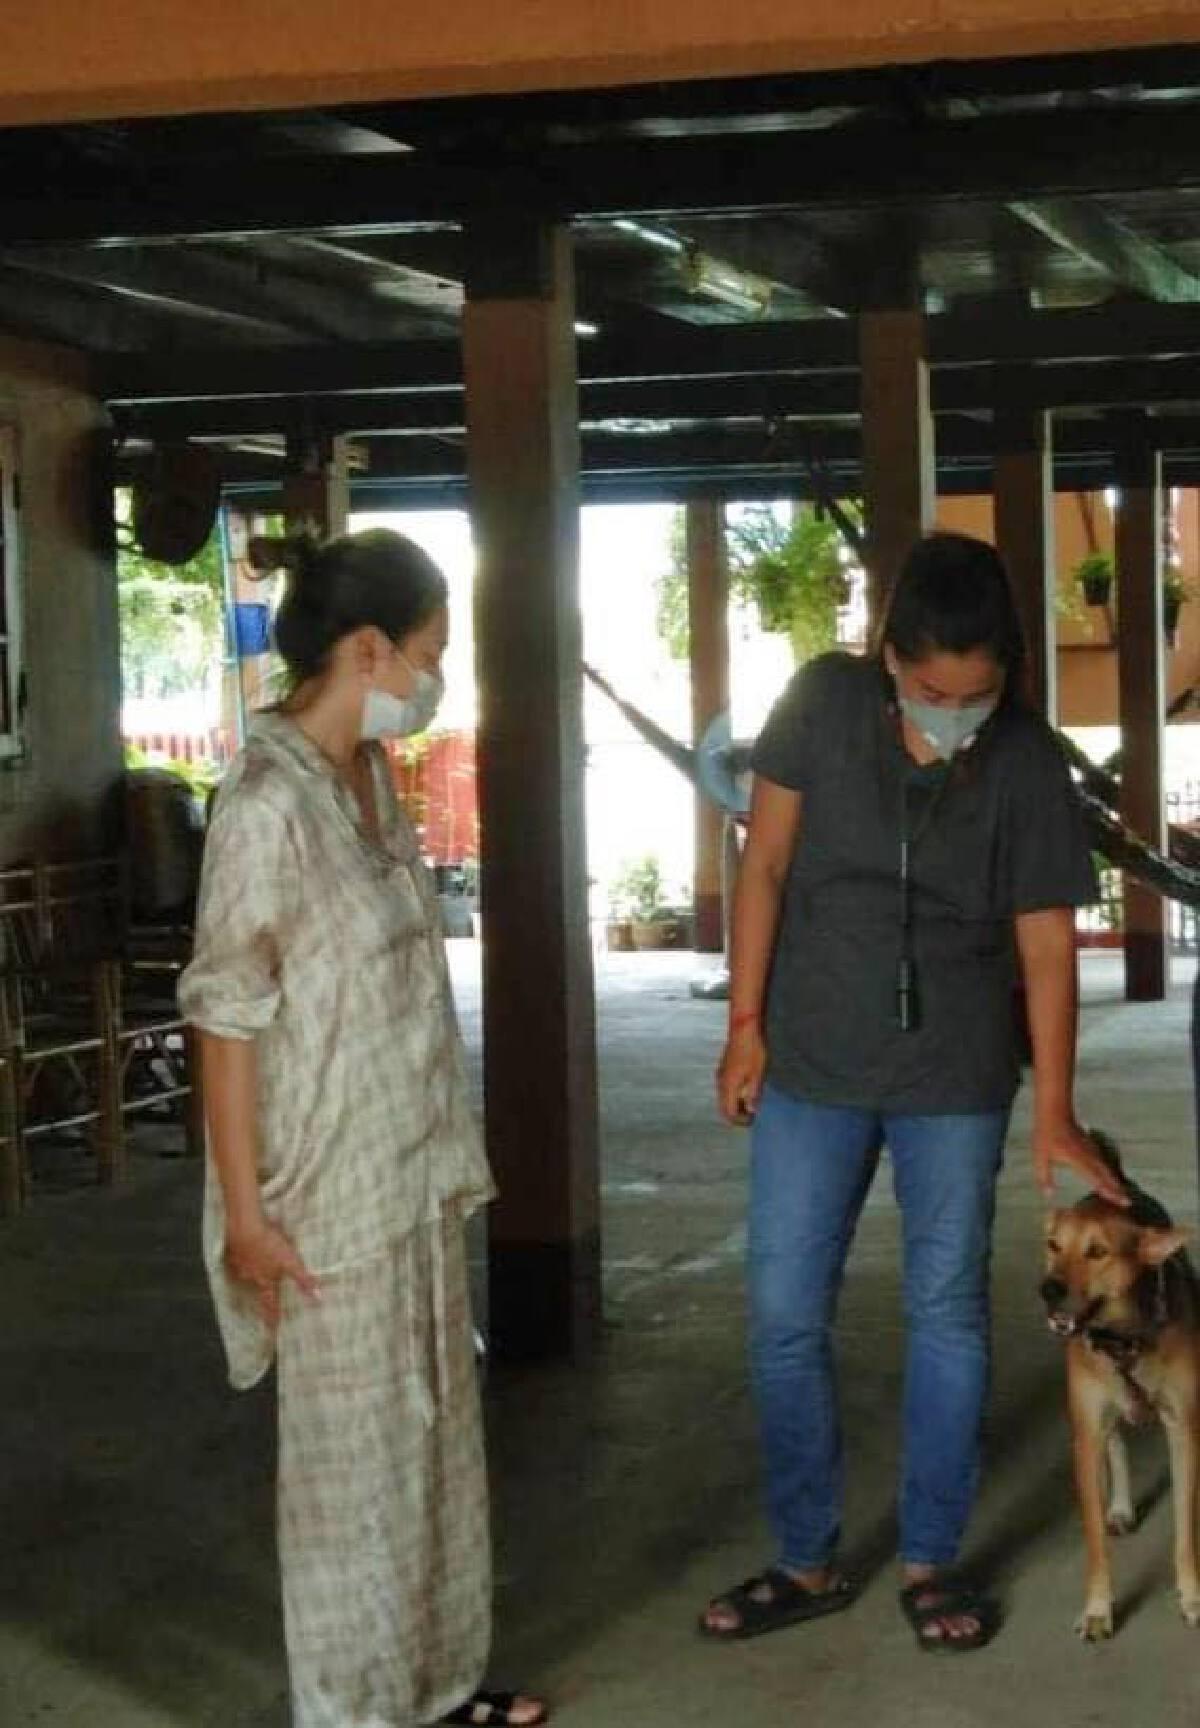 ดิว อริสรา หอบกระเช้าขอโทษชาวบ้าน เจ้าของสุนัข ปมดราม่าจุดพลุฉลองวันเกิด